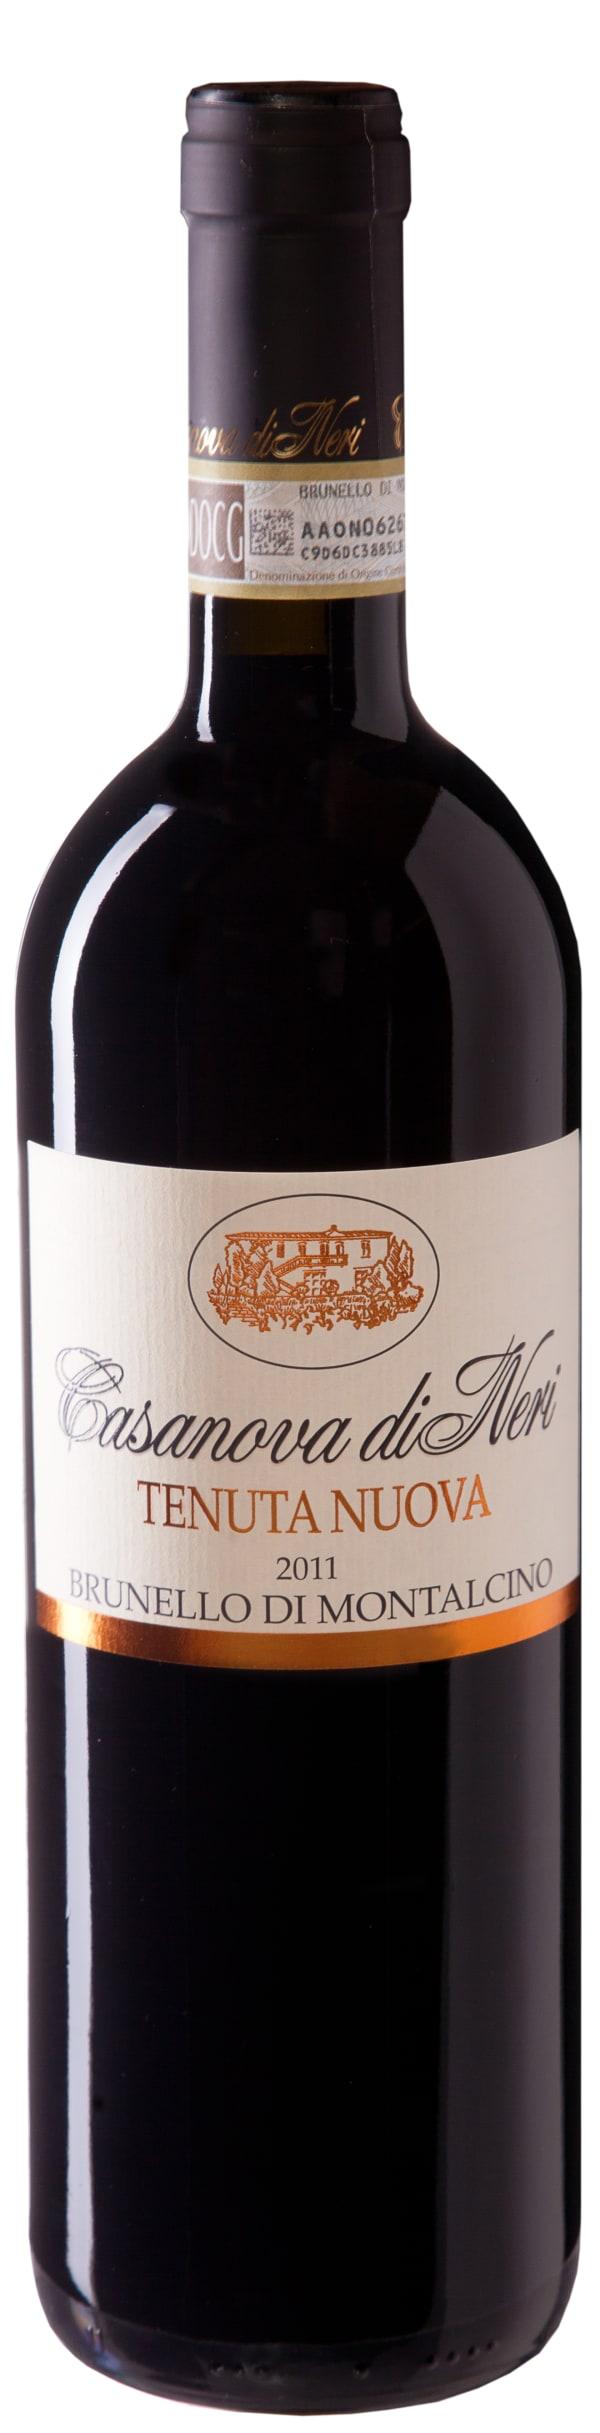 Casanova di Neri Tenuta Nuova  Brunello di Montalcino 2011